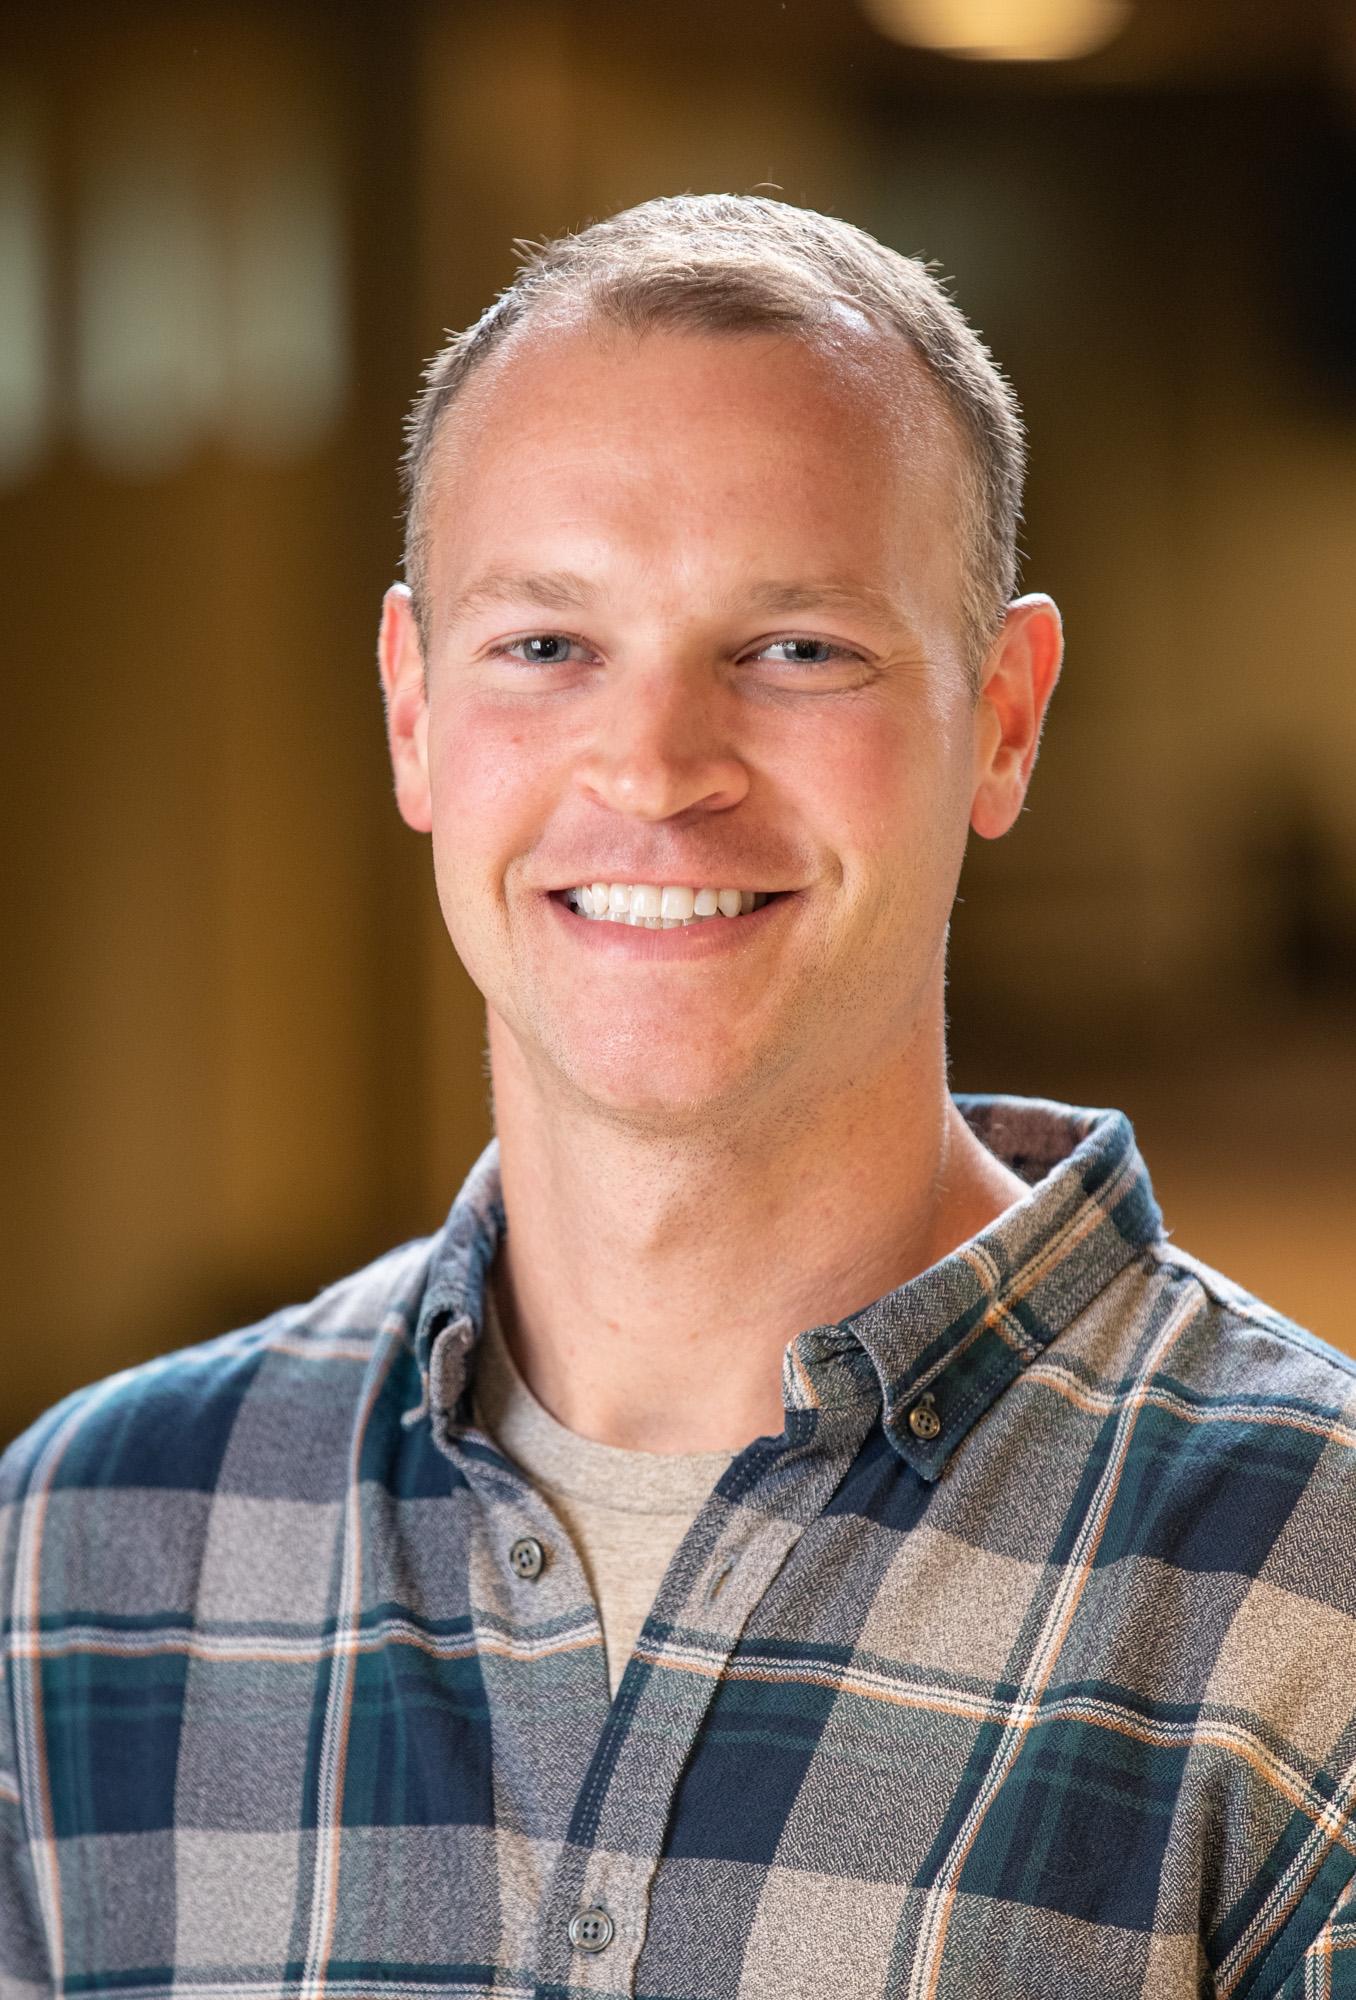 Matt Menhennett